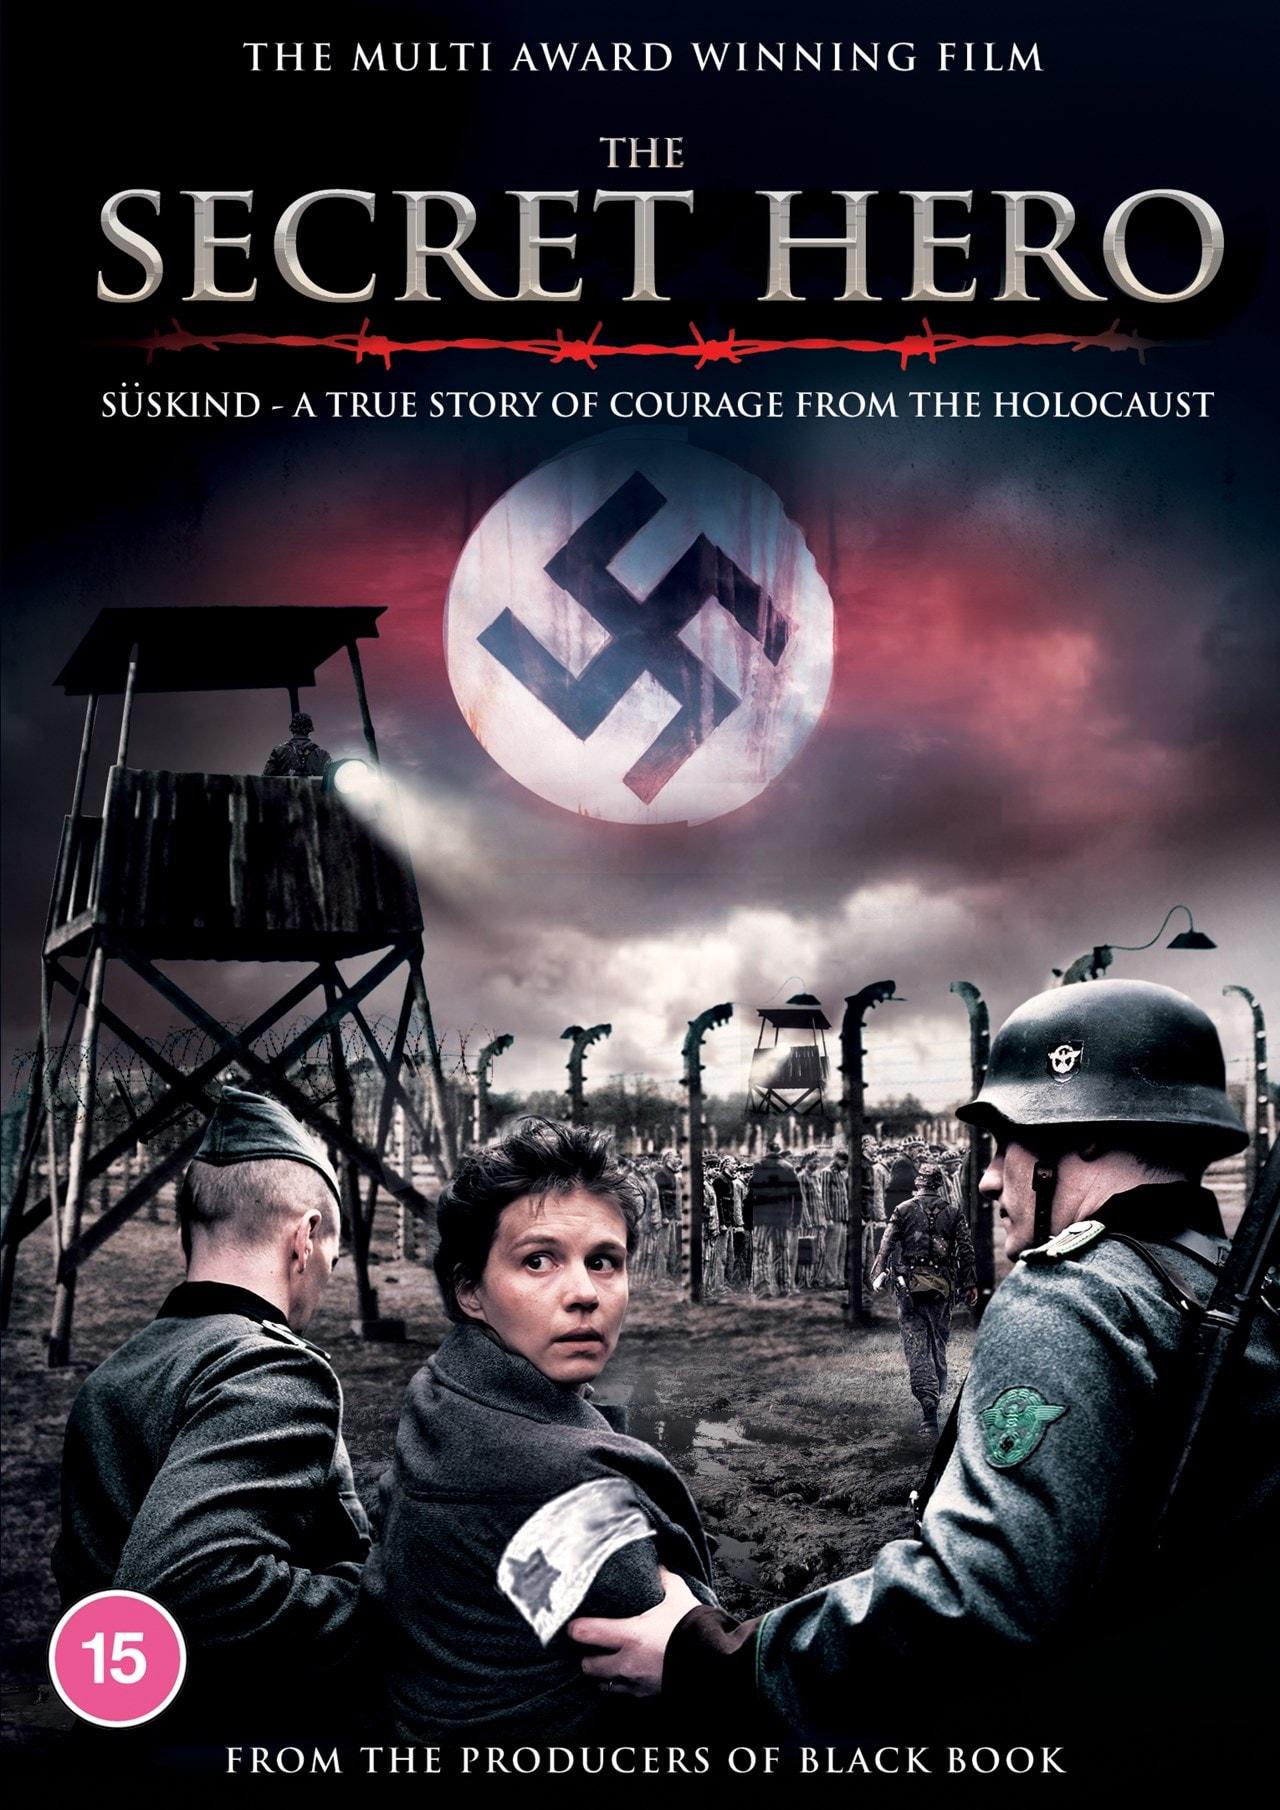 The Secret Hero - 1